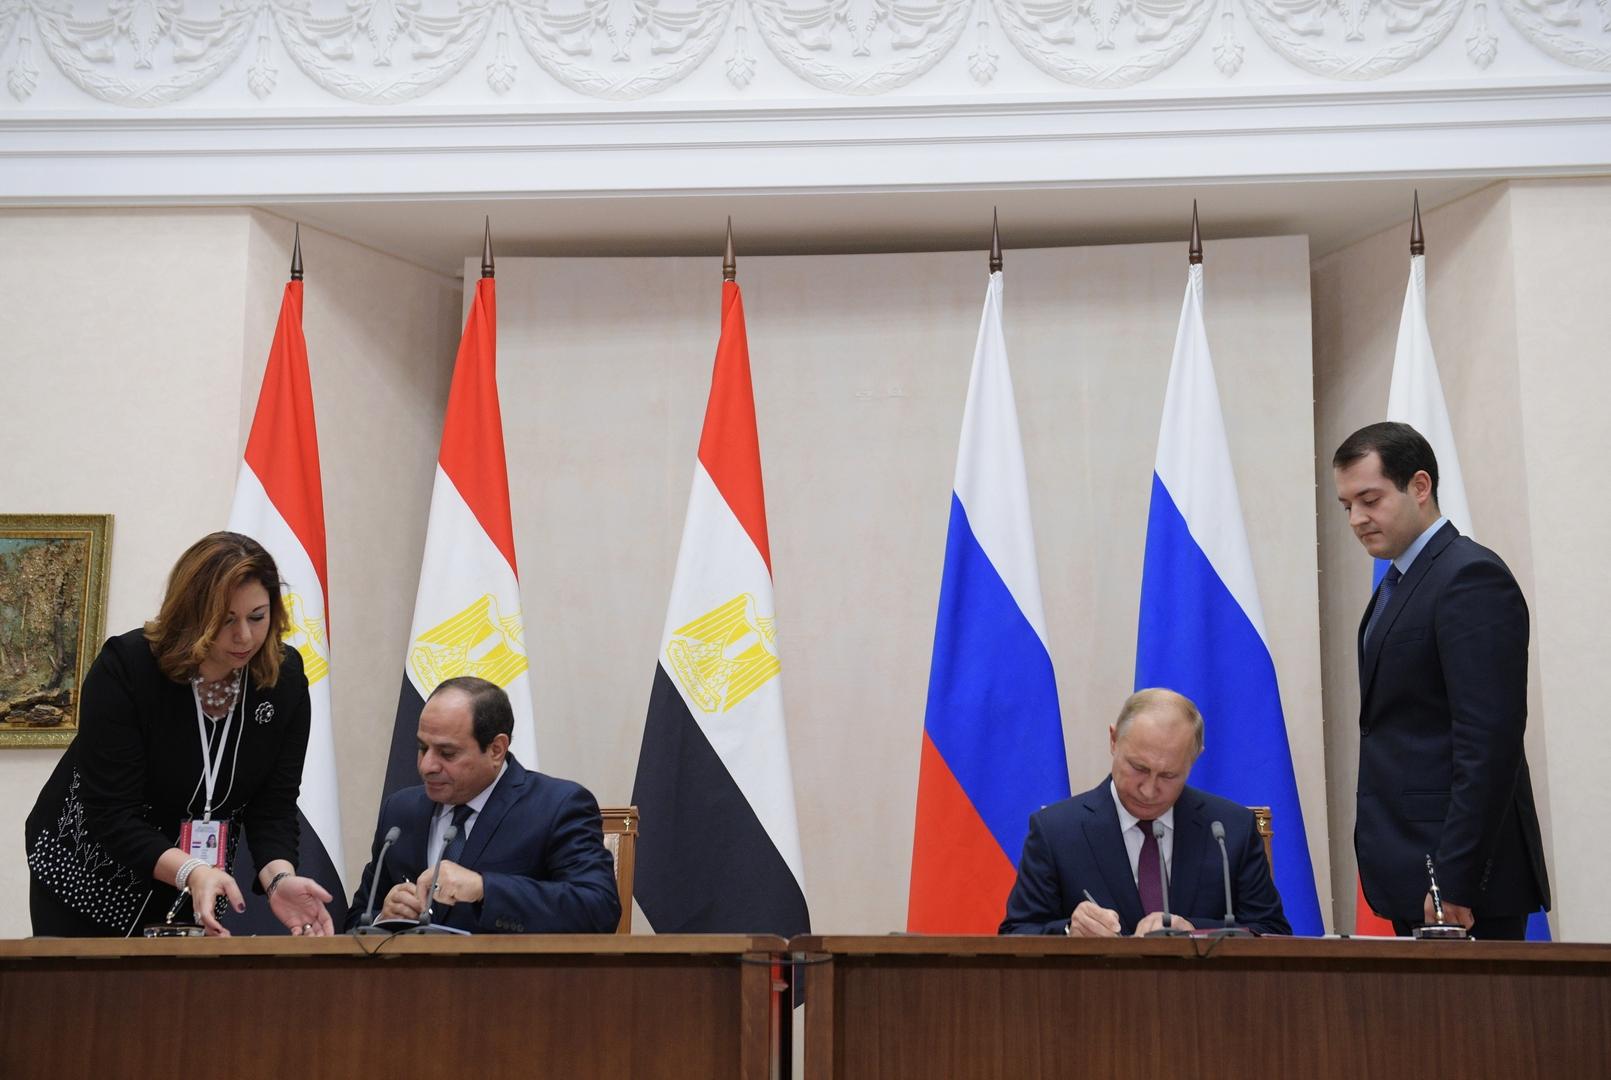 اتفاقية التعاون الاستراتيجي بين روسيا ومصر تدخل حيز التنفيذ